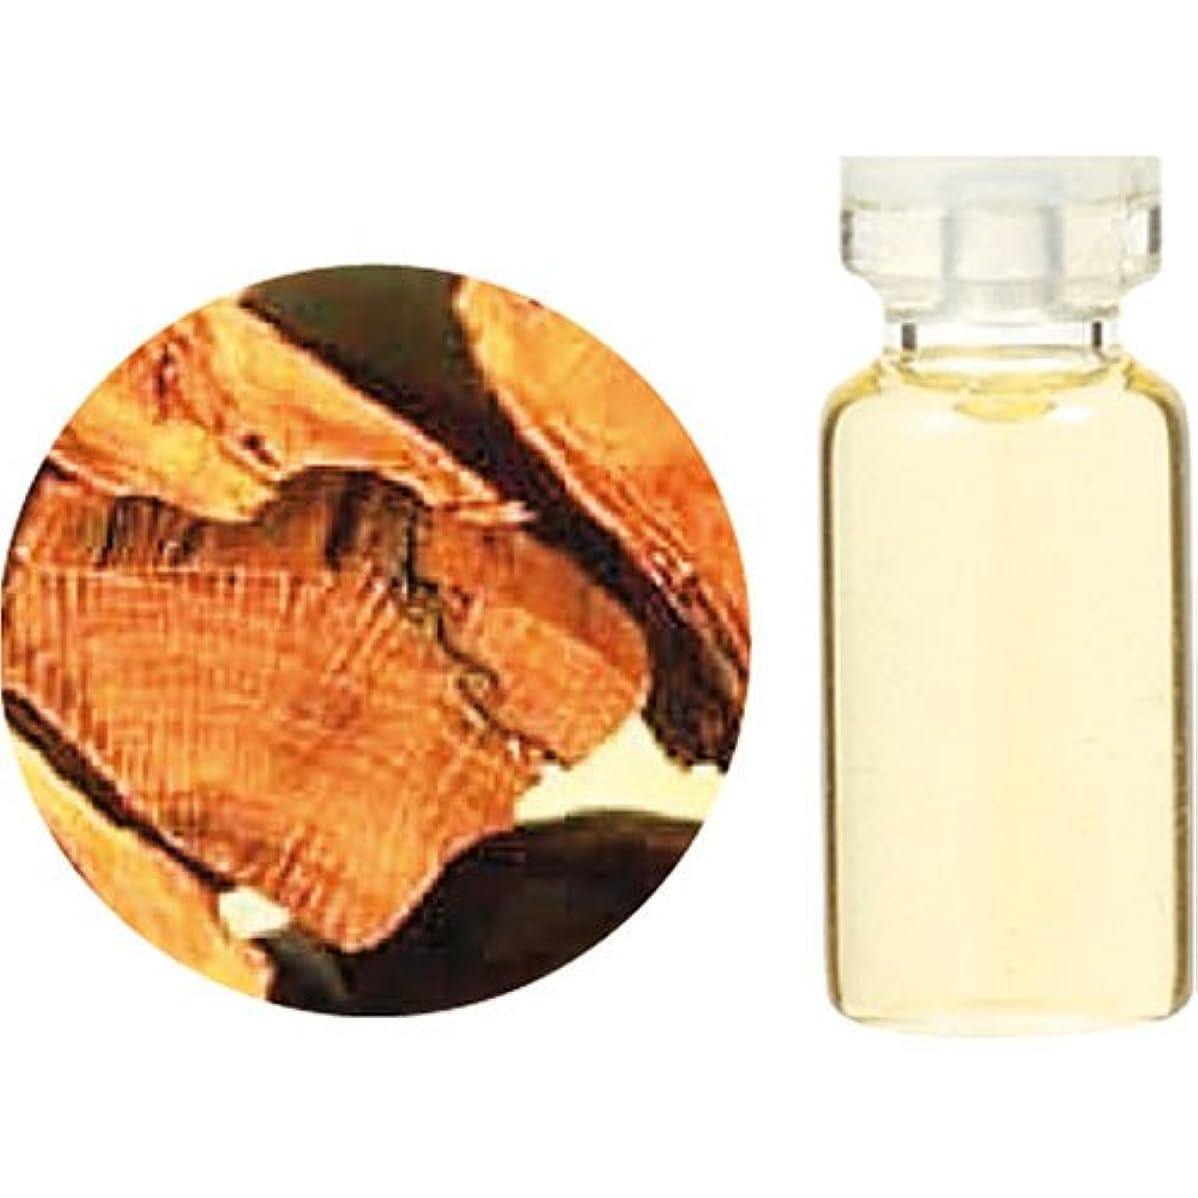 ムスタチオ近代化する負荷生活の木 エッセンシャルオイル サンダルウッド 10ml